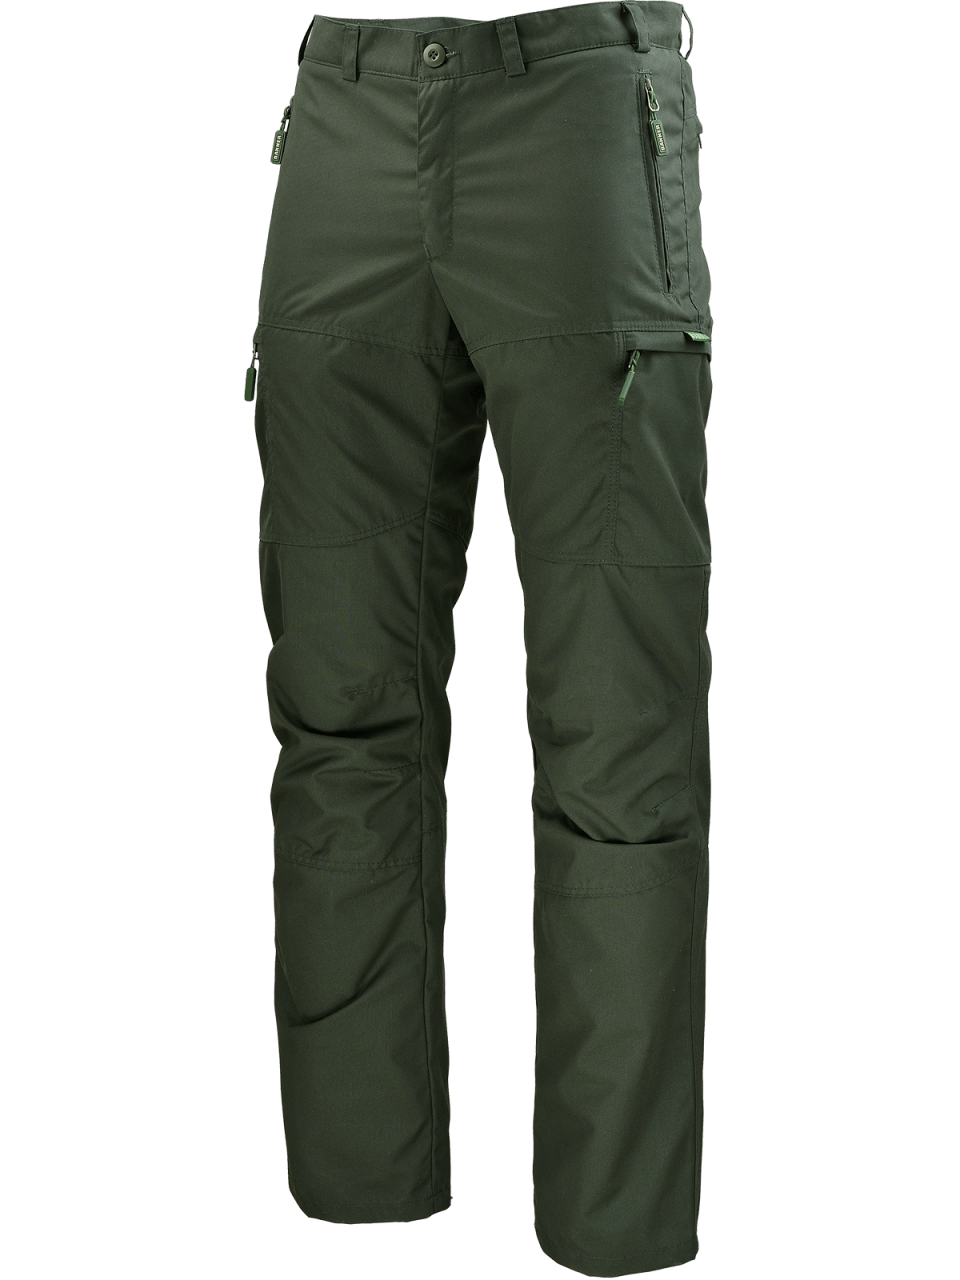 odolné nohavice Terolaz outdoorové oblečenie pred